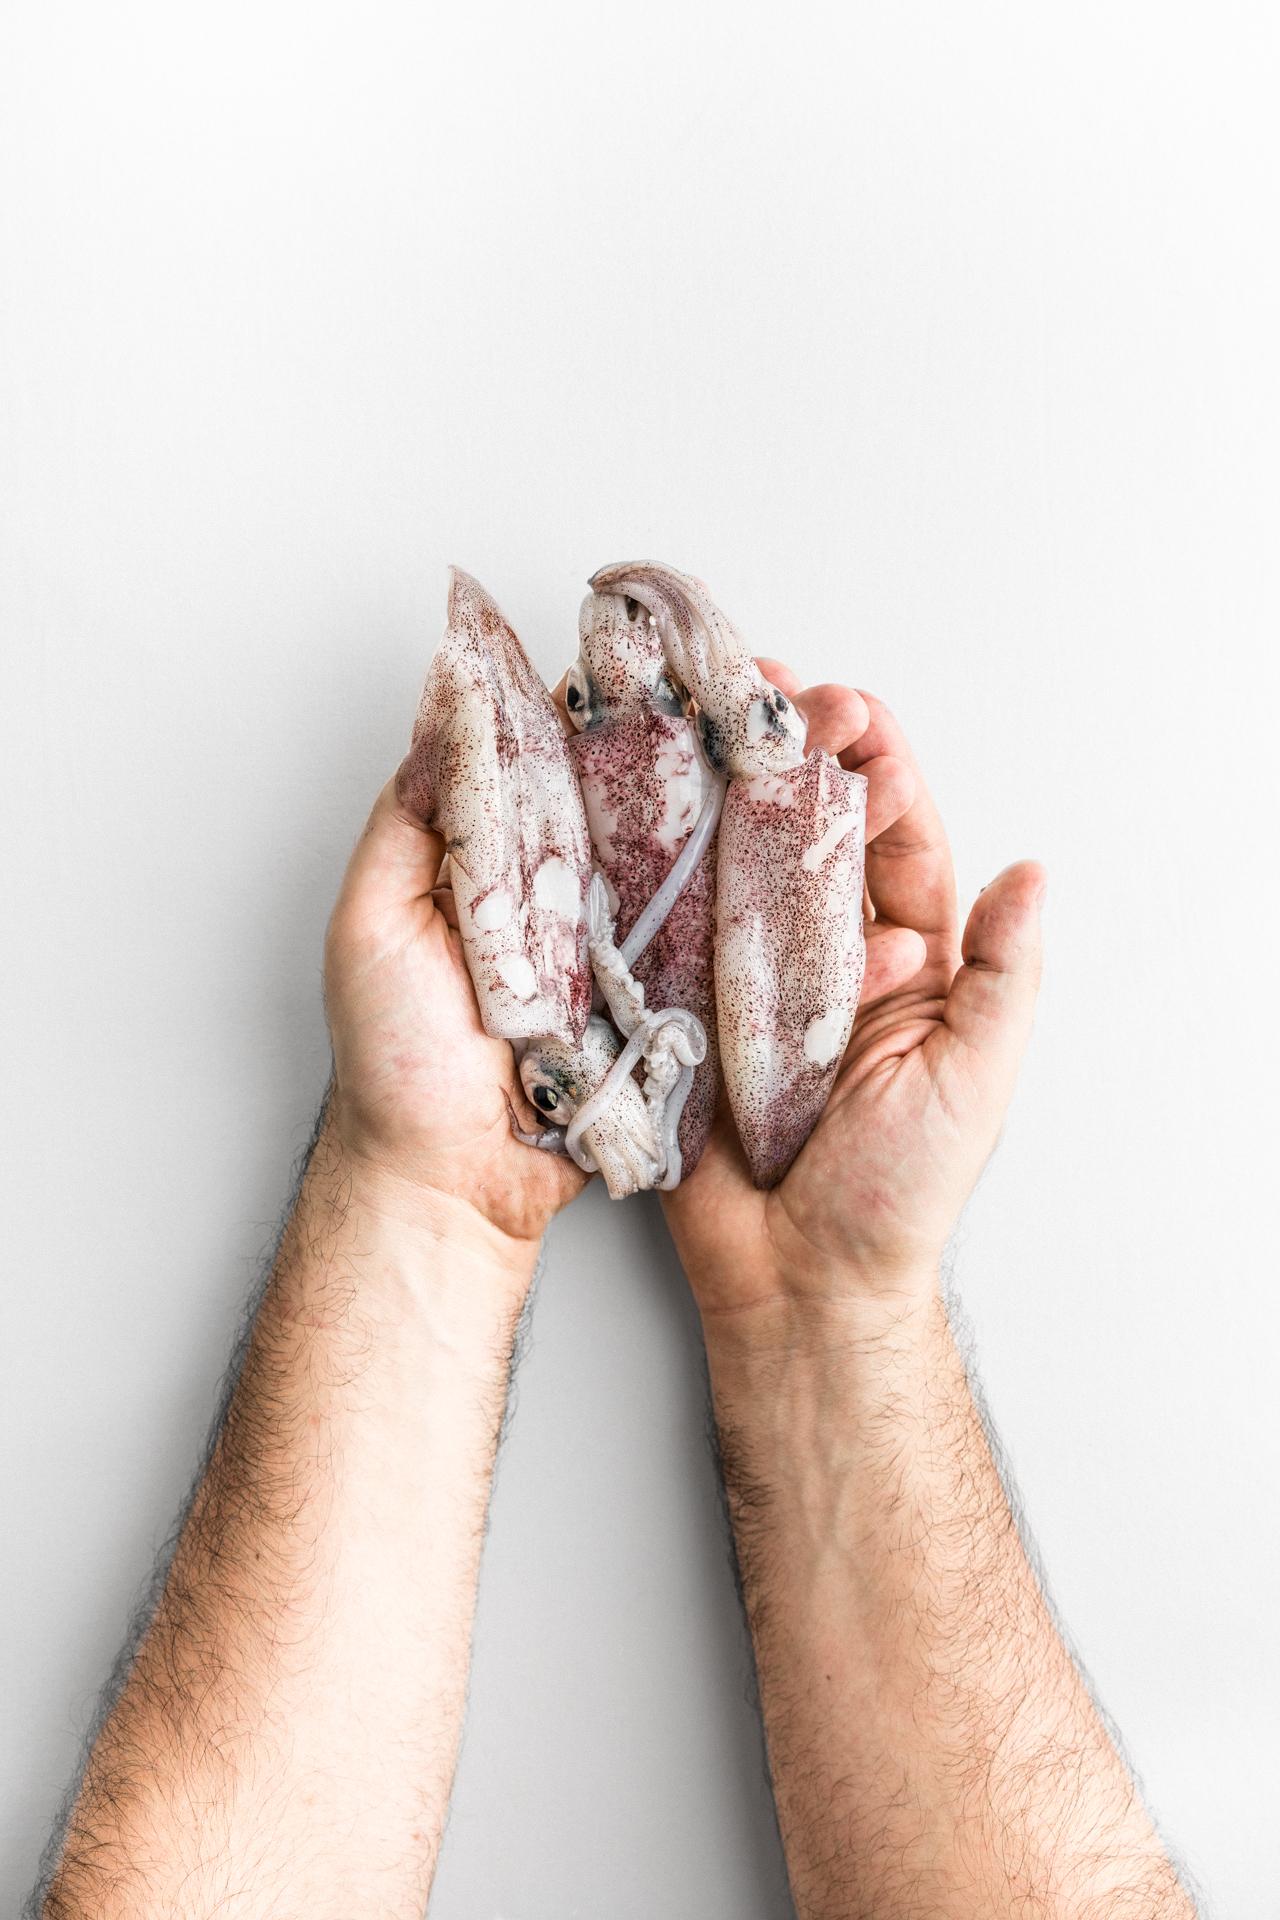 Calamari di Luca Bizzarri, infoodfamily, foto di Matteo Bizzarri